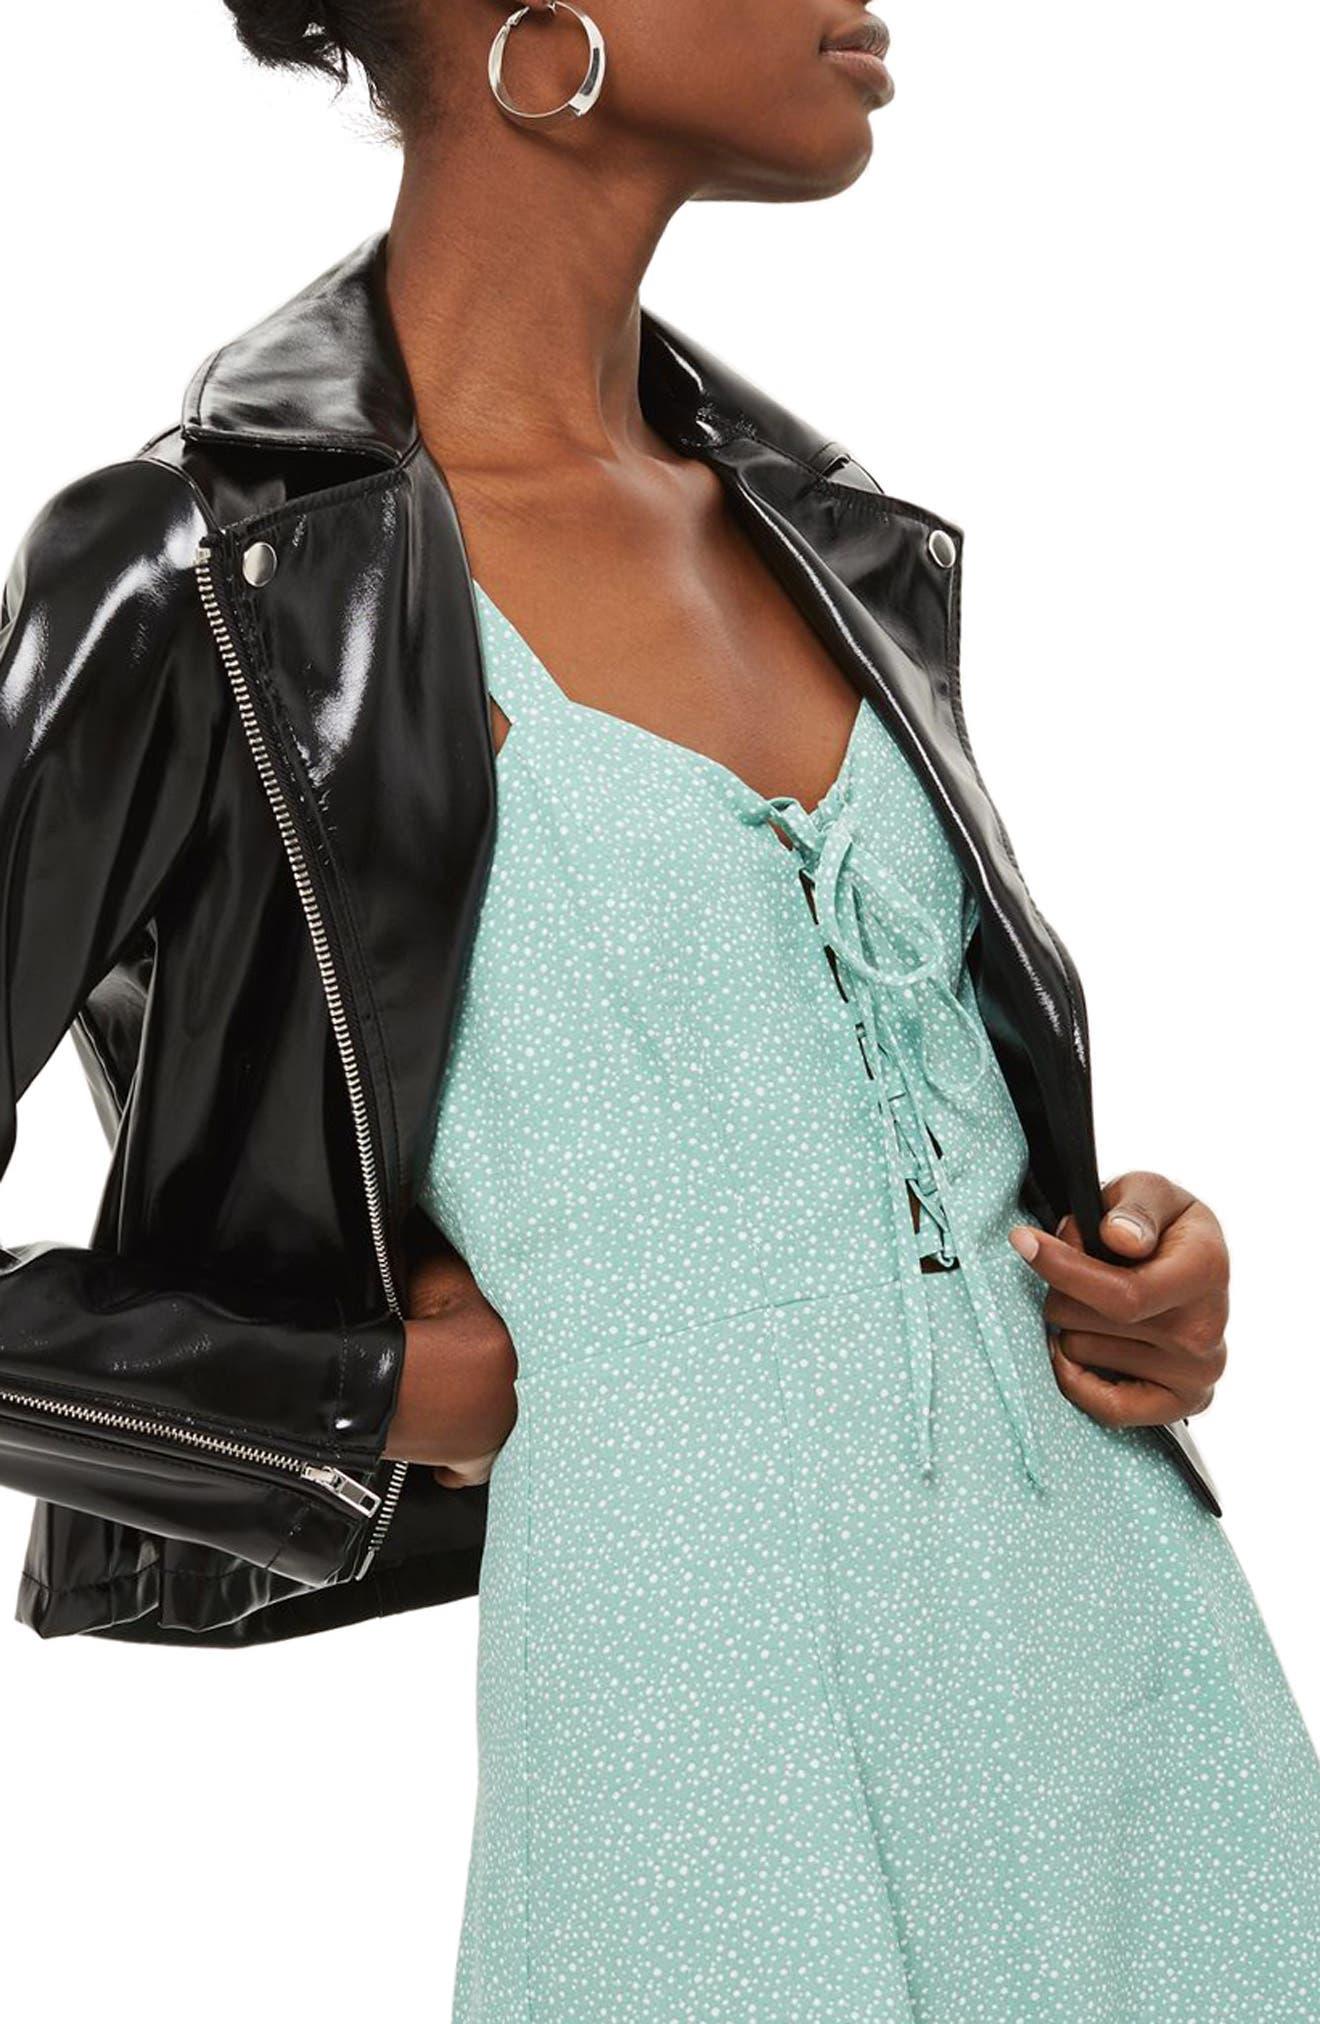 Main Image - Topshop Polka Dot Lace-Up Minidress